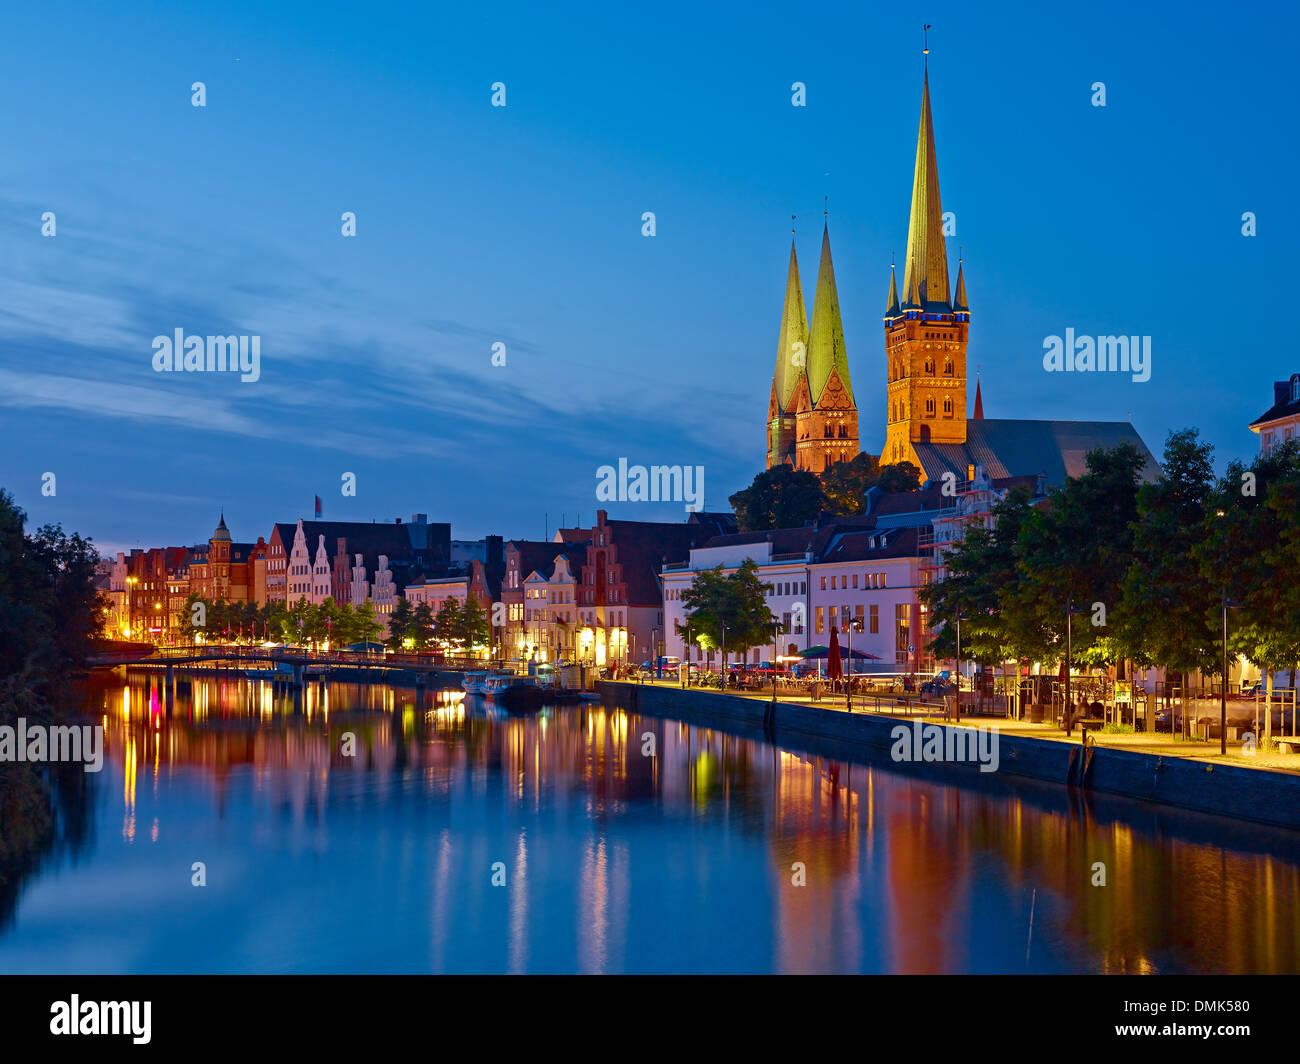 Vista Obertrave con San Marys di Lübeck e Basilica di San Pietro, Lubecca, Schleswig-Holstein, Germania Immagini Stock